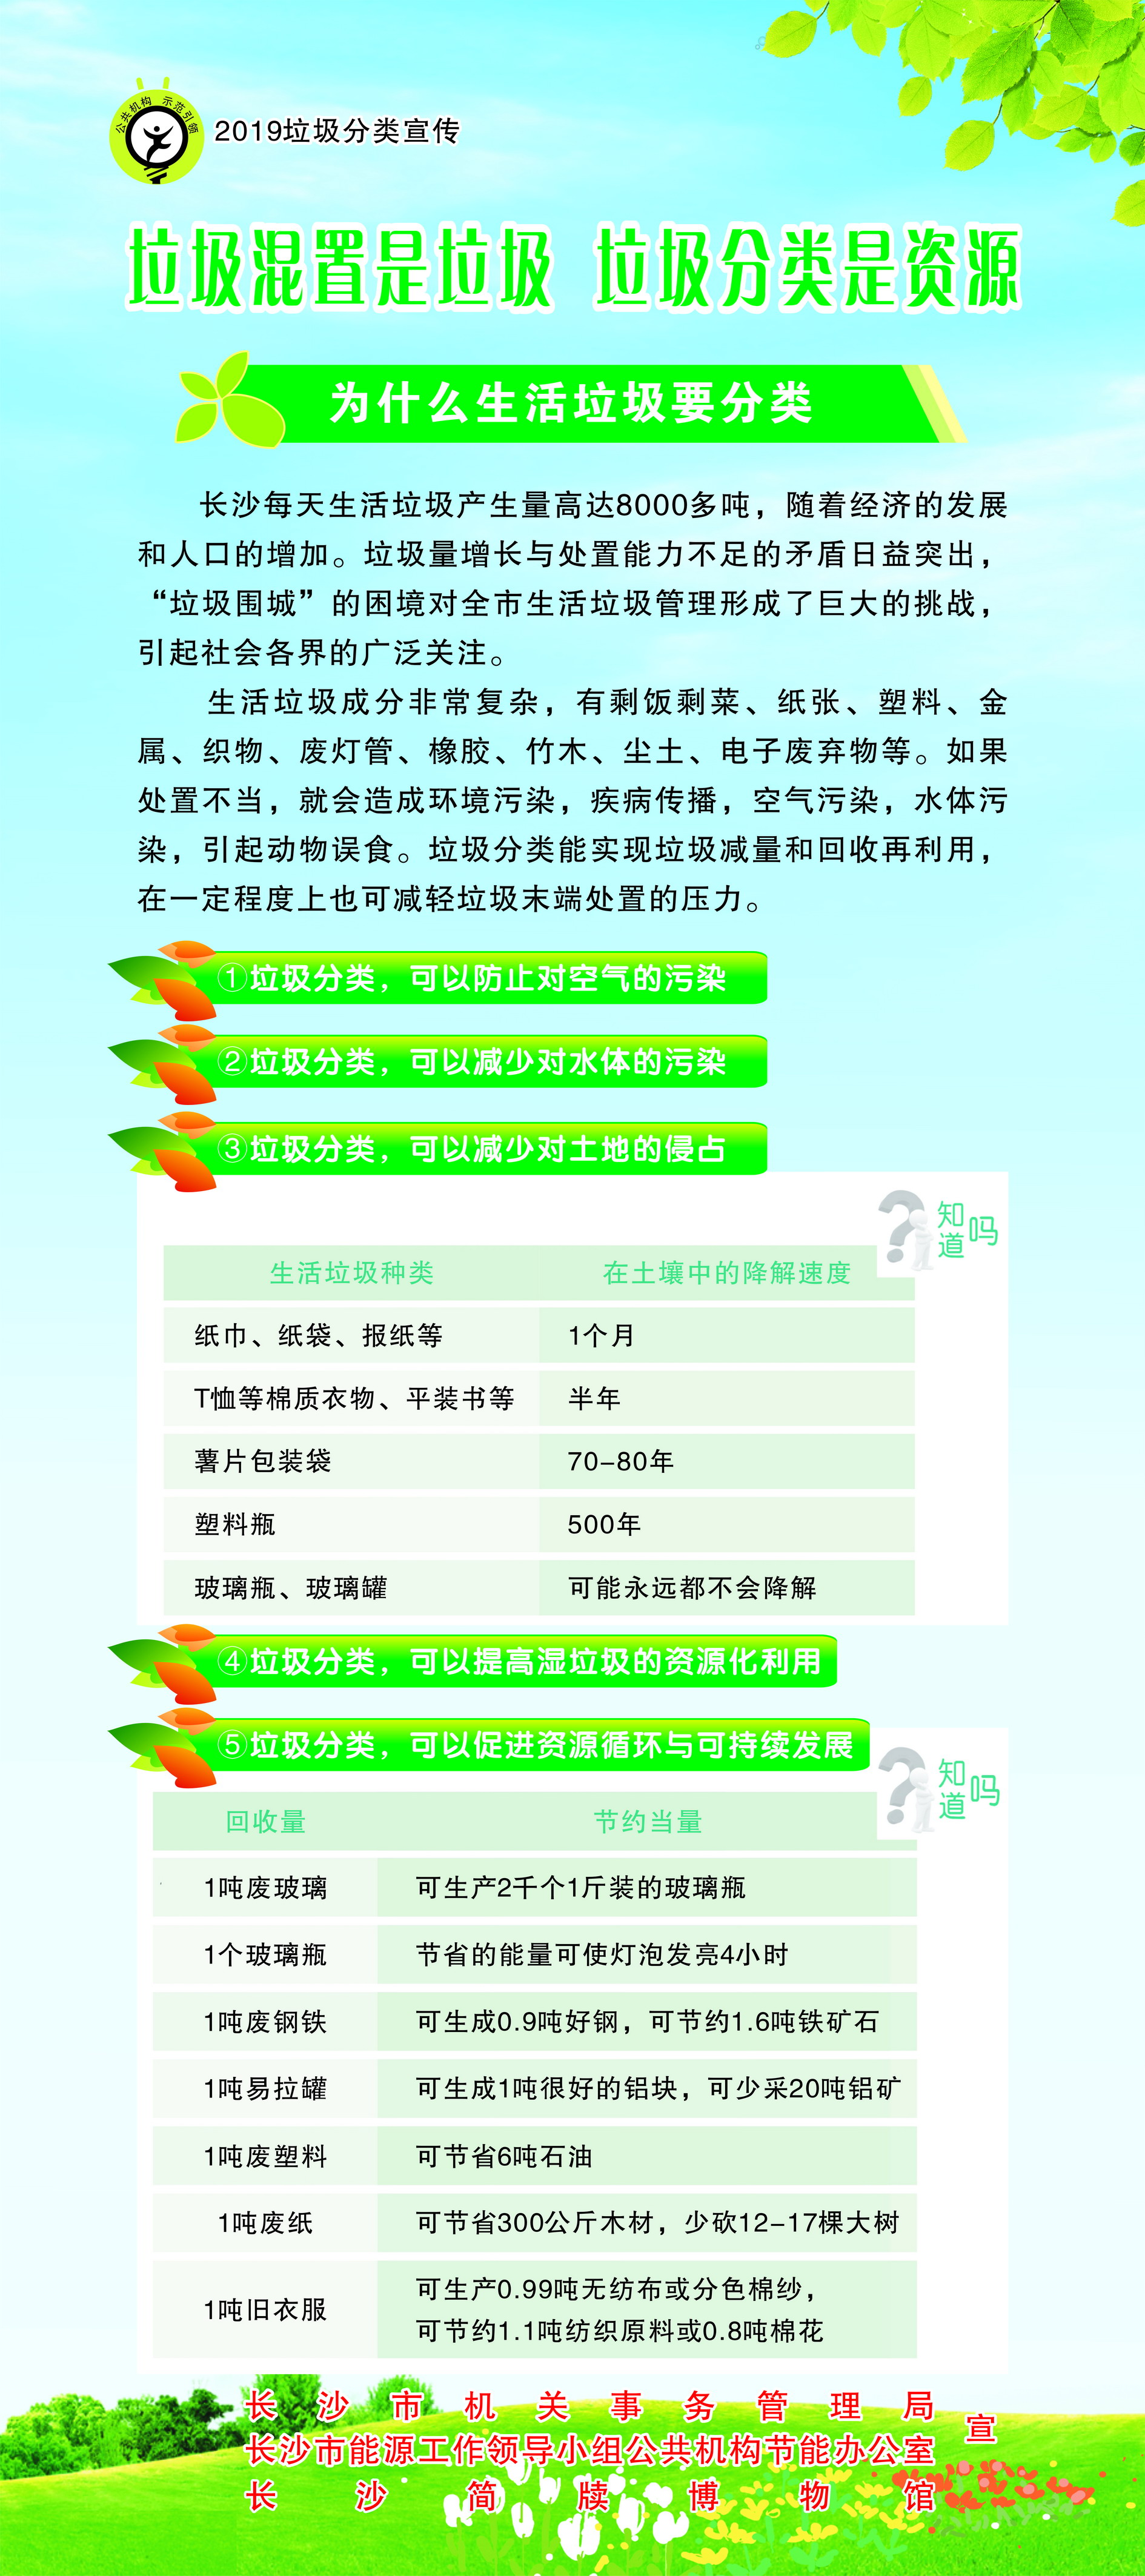 3、垃圾混置是垃圾  垃圾分类是资源副本.jpg